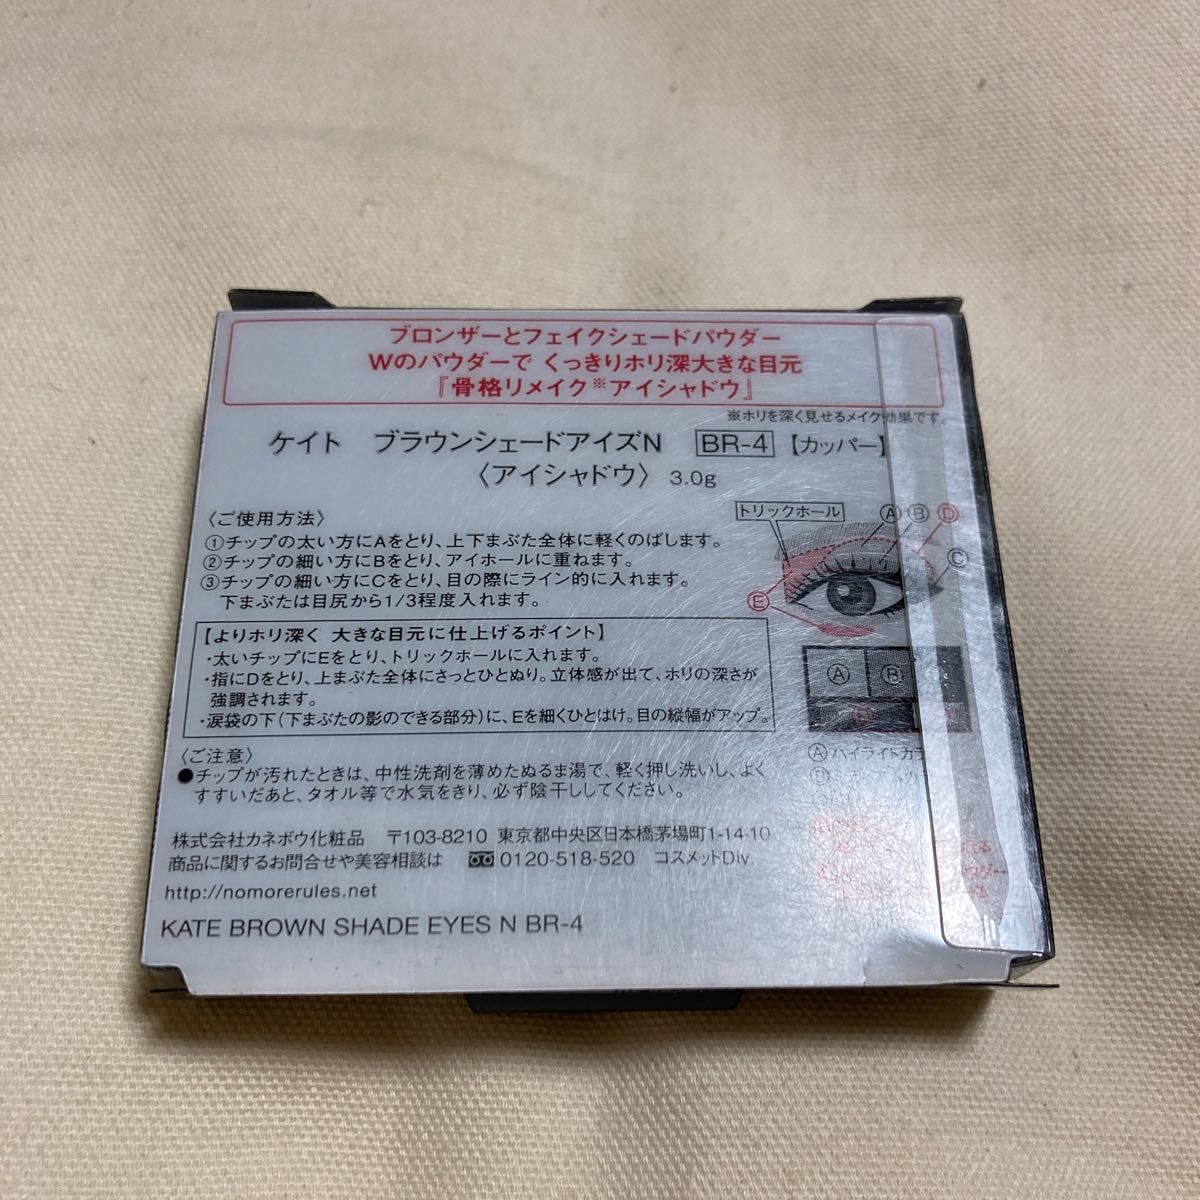 ブラウンシェードアイズN BR-4 カッパー